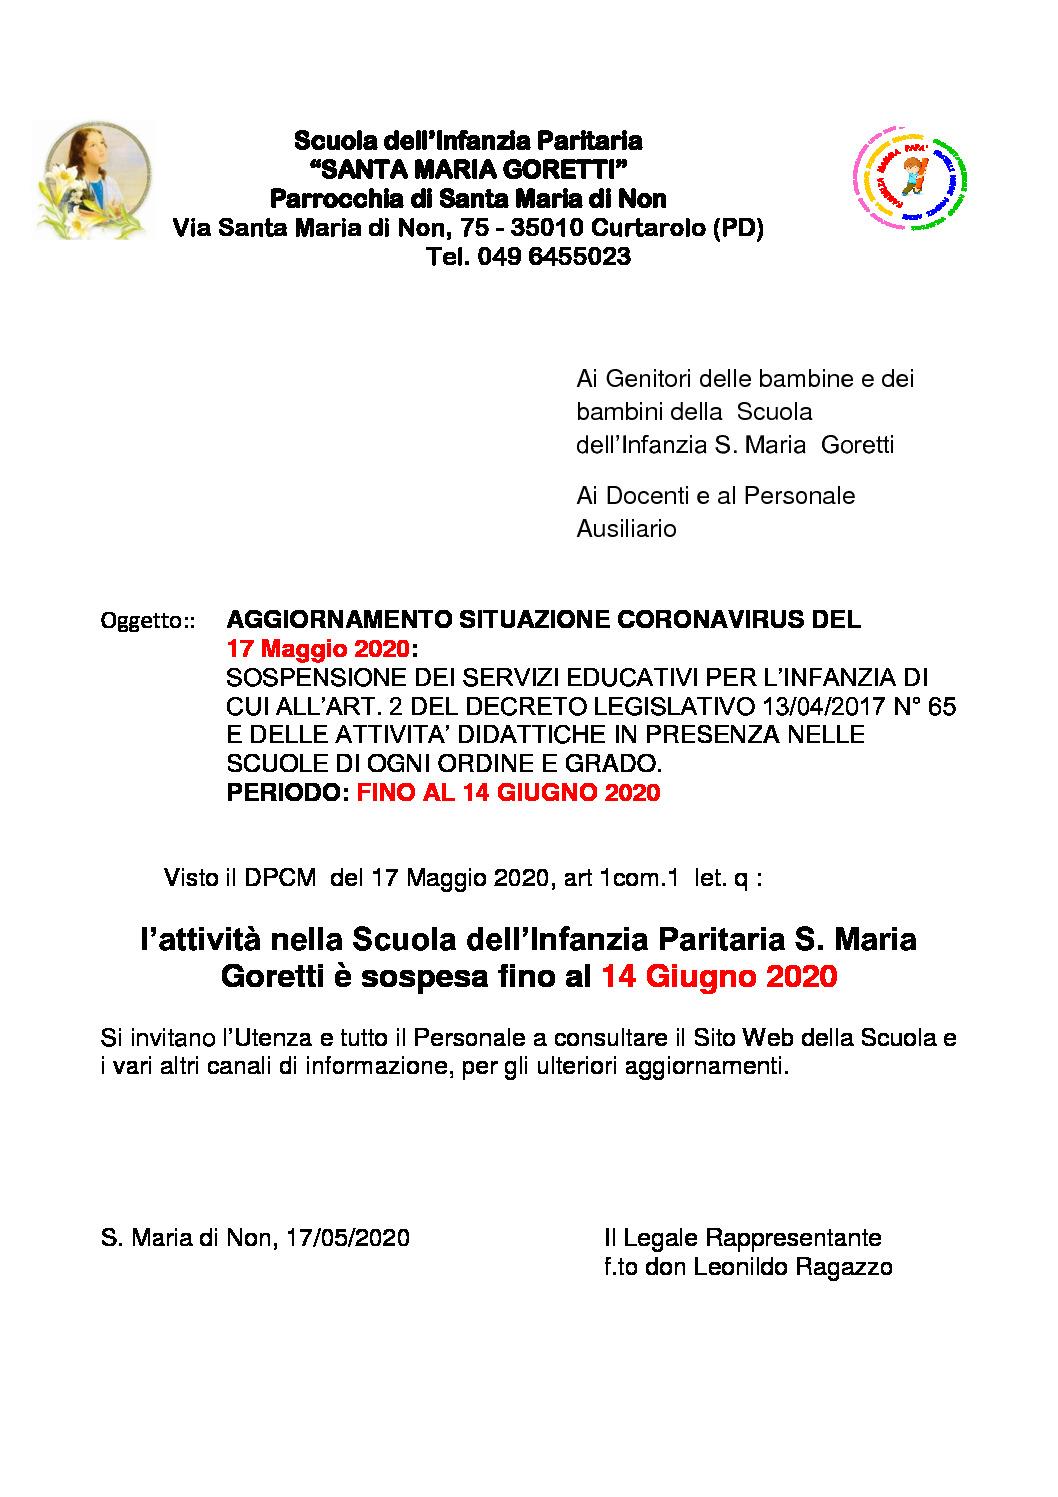 thumbnail of Aggiornamento Sospensione Attività didattiche fino al 14 Giugno 2020